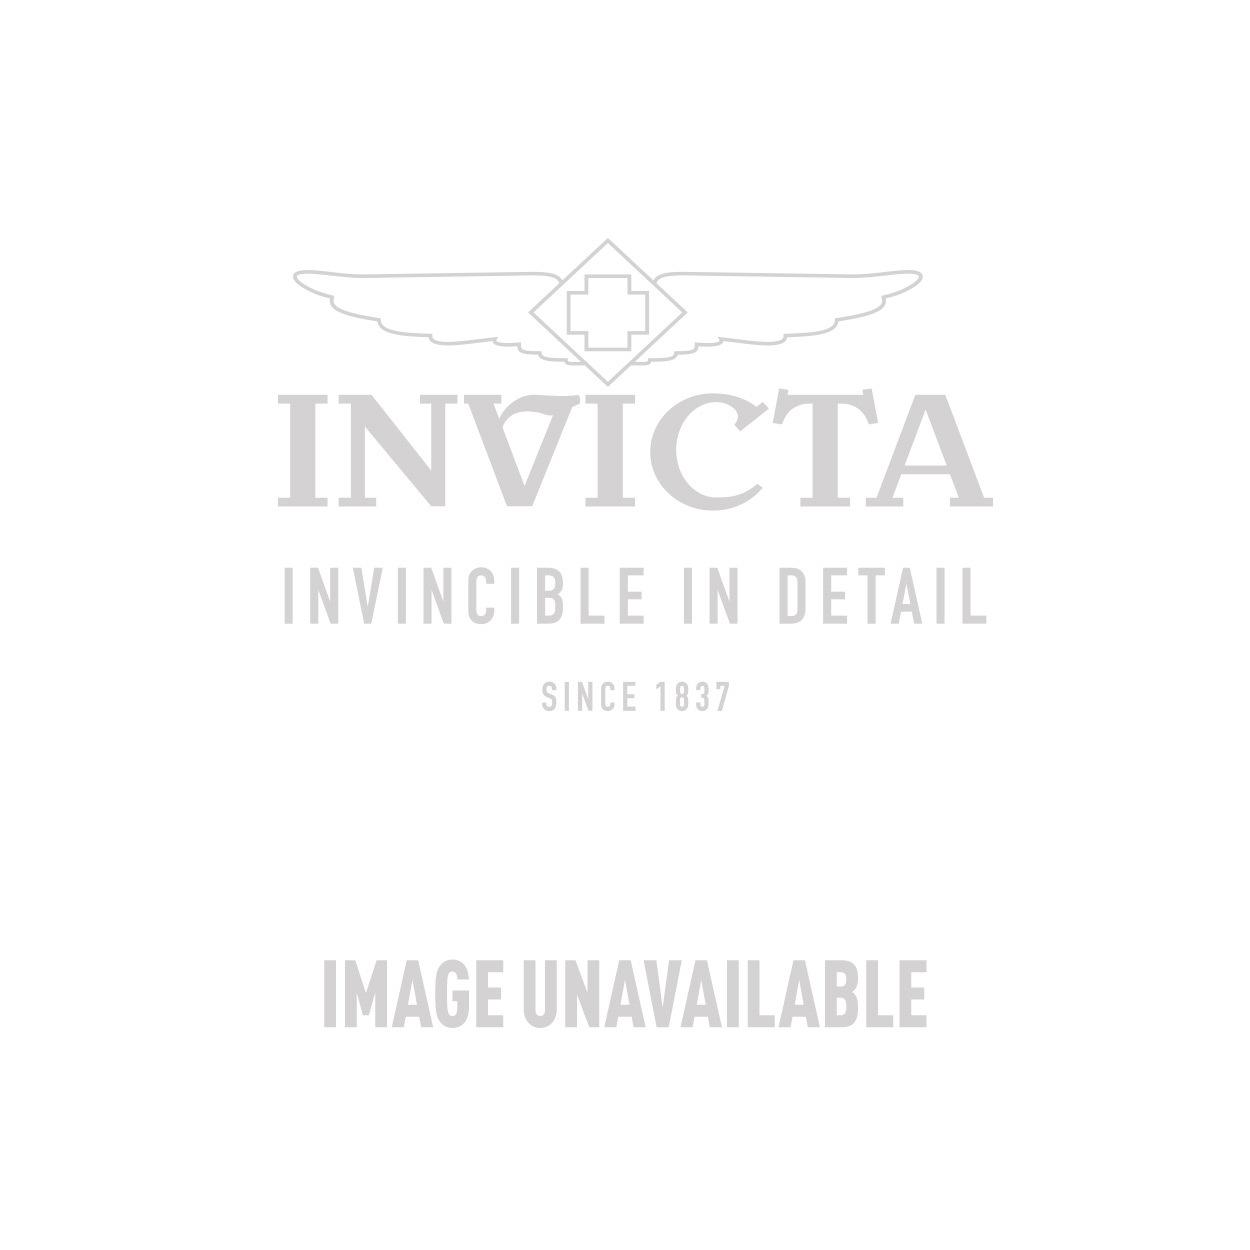 Invicta Model 24635